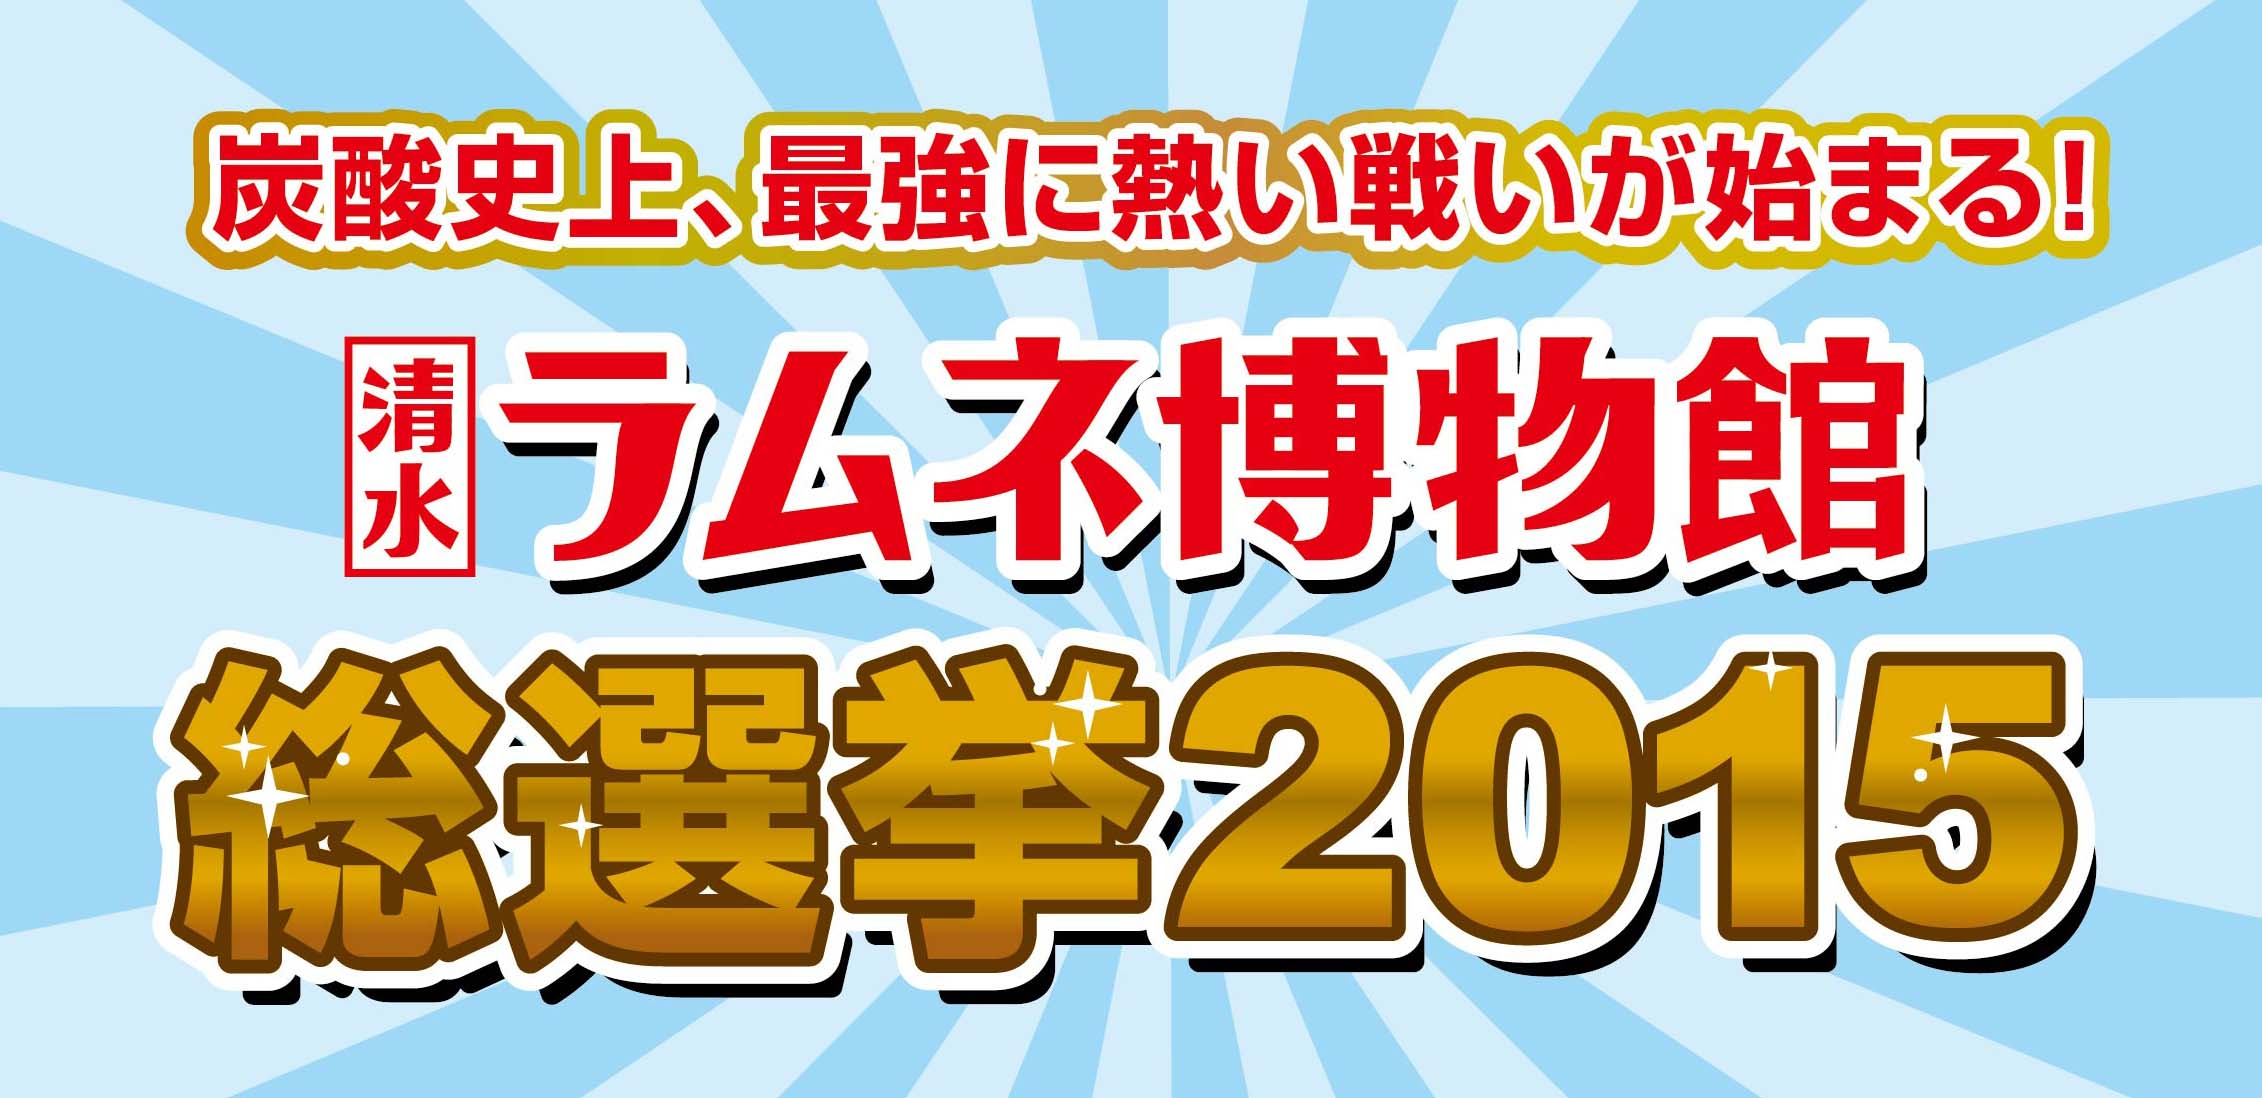 ショッピング・映画・グルメ・イベントが楽しめる静岡市清水区のベイエリア エスパルスドリームプラザ